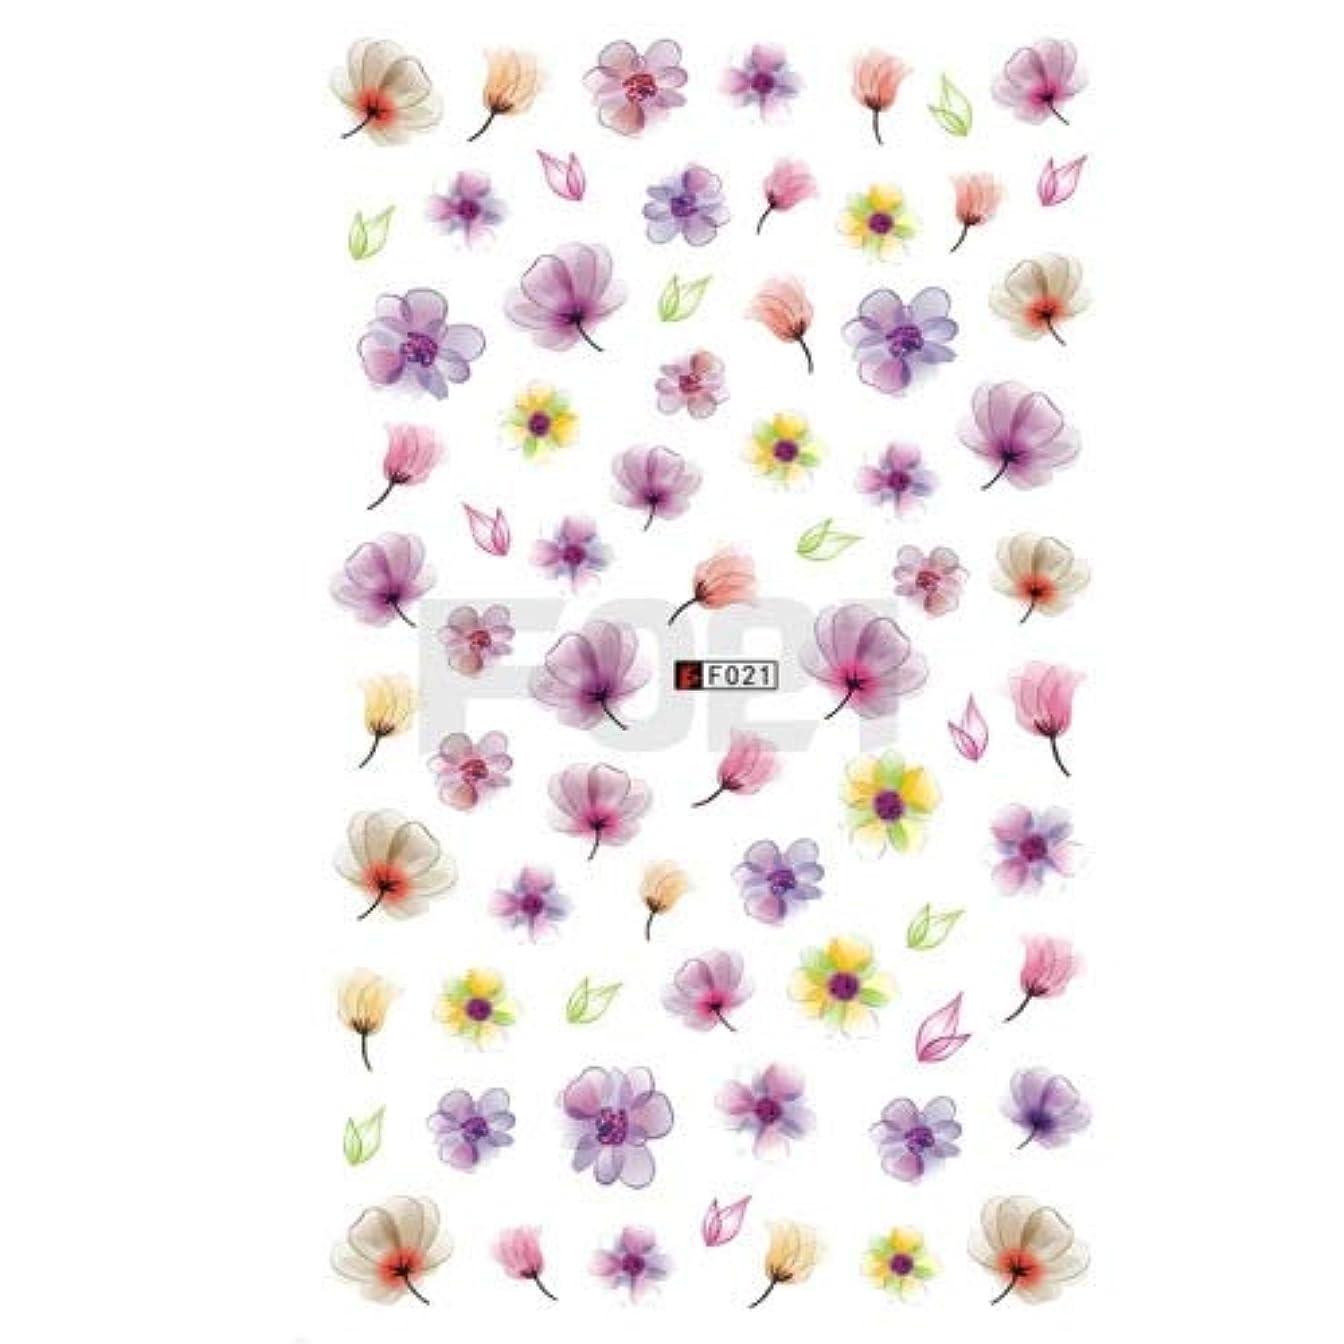 心のこもったスリラー悲しいことにビューティー&パーソナルケア 3個の3Dネイルステッカー咲く花3Dネイルアートステッカーデカール(F199) ステッカー&デカール (色 : F021)